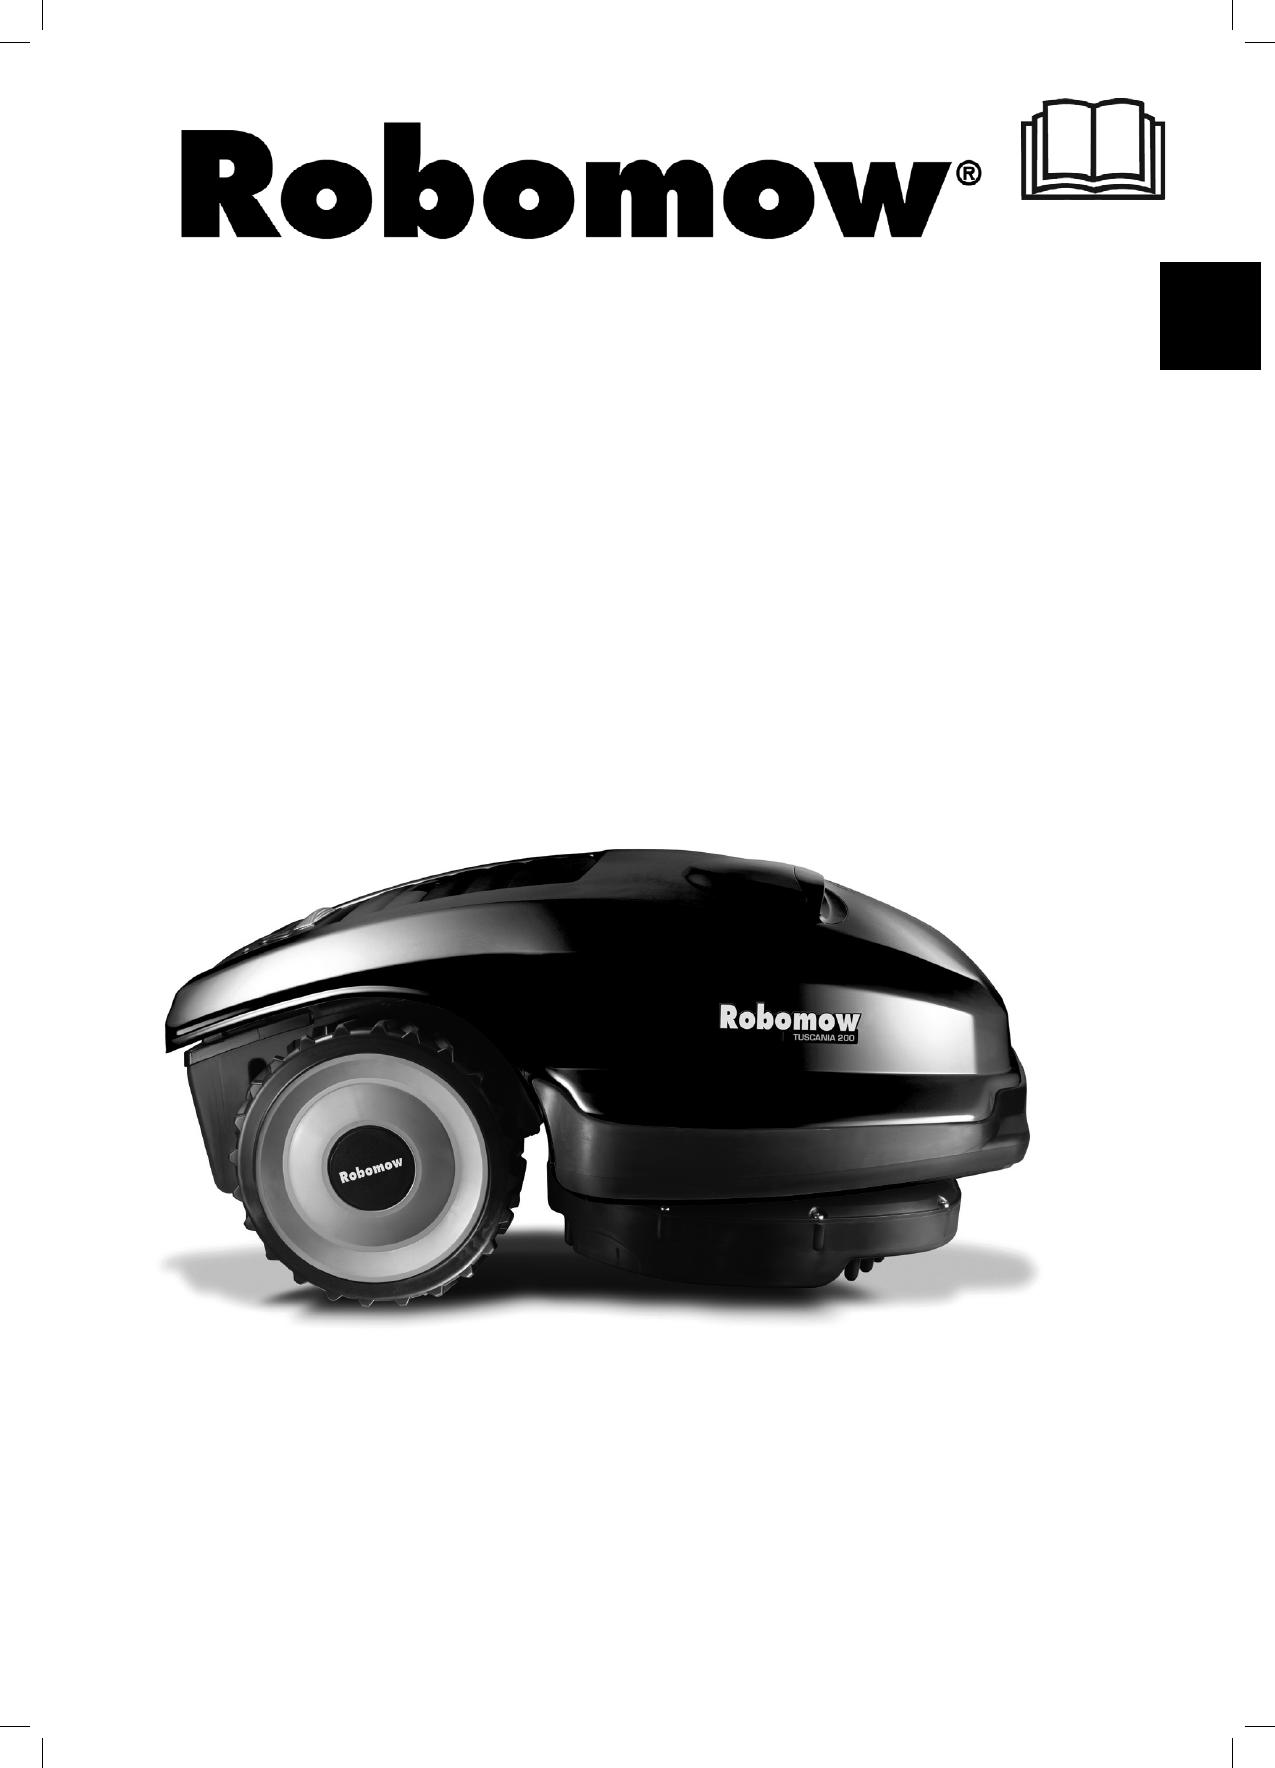 bedienungsanleitung robomow tuscania 200 seite 1 von 214 deutsch englisch franz sisch. Black Bedroom Furniture Sets. Home Design Ideas